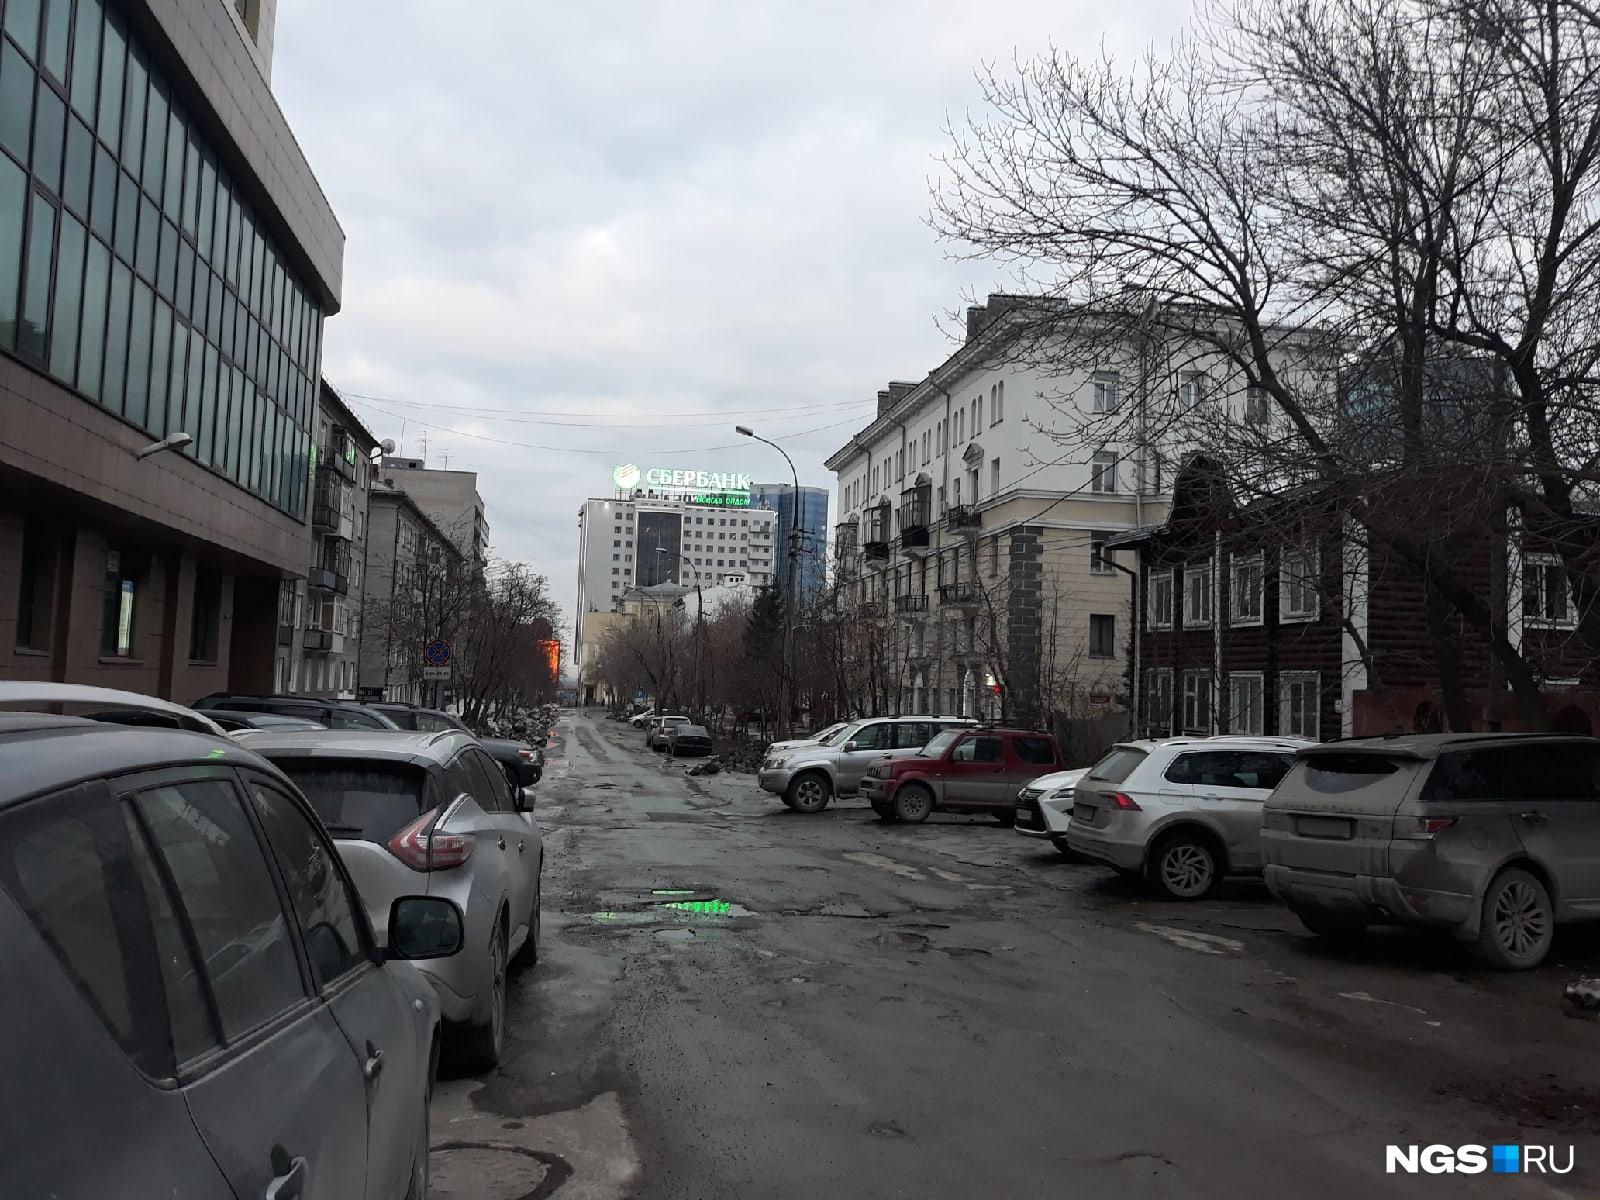 Проблема с парковками в центре не исчезает и во время пандемии